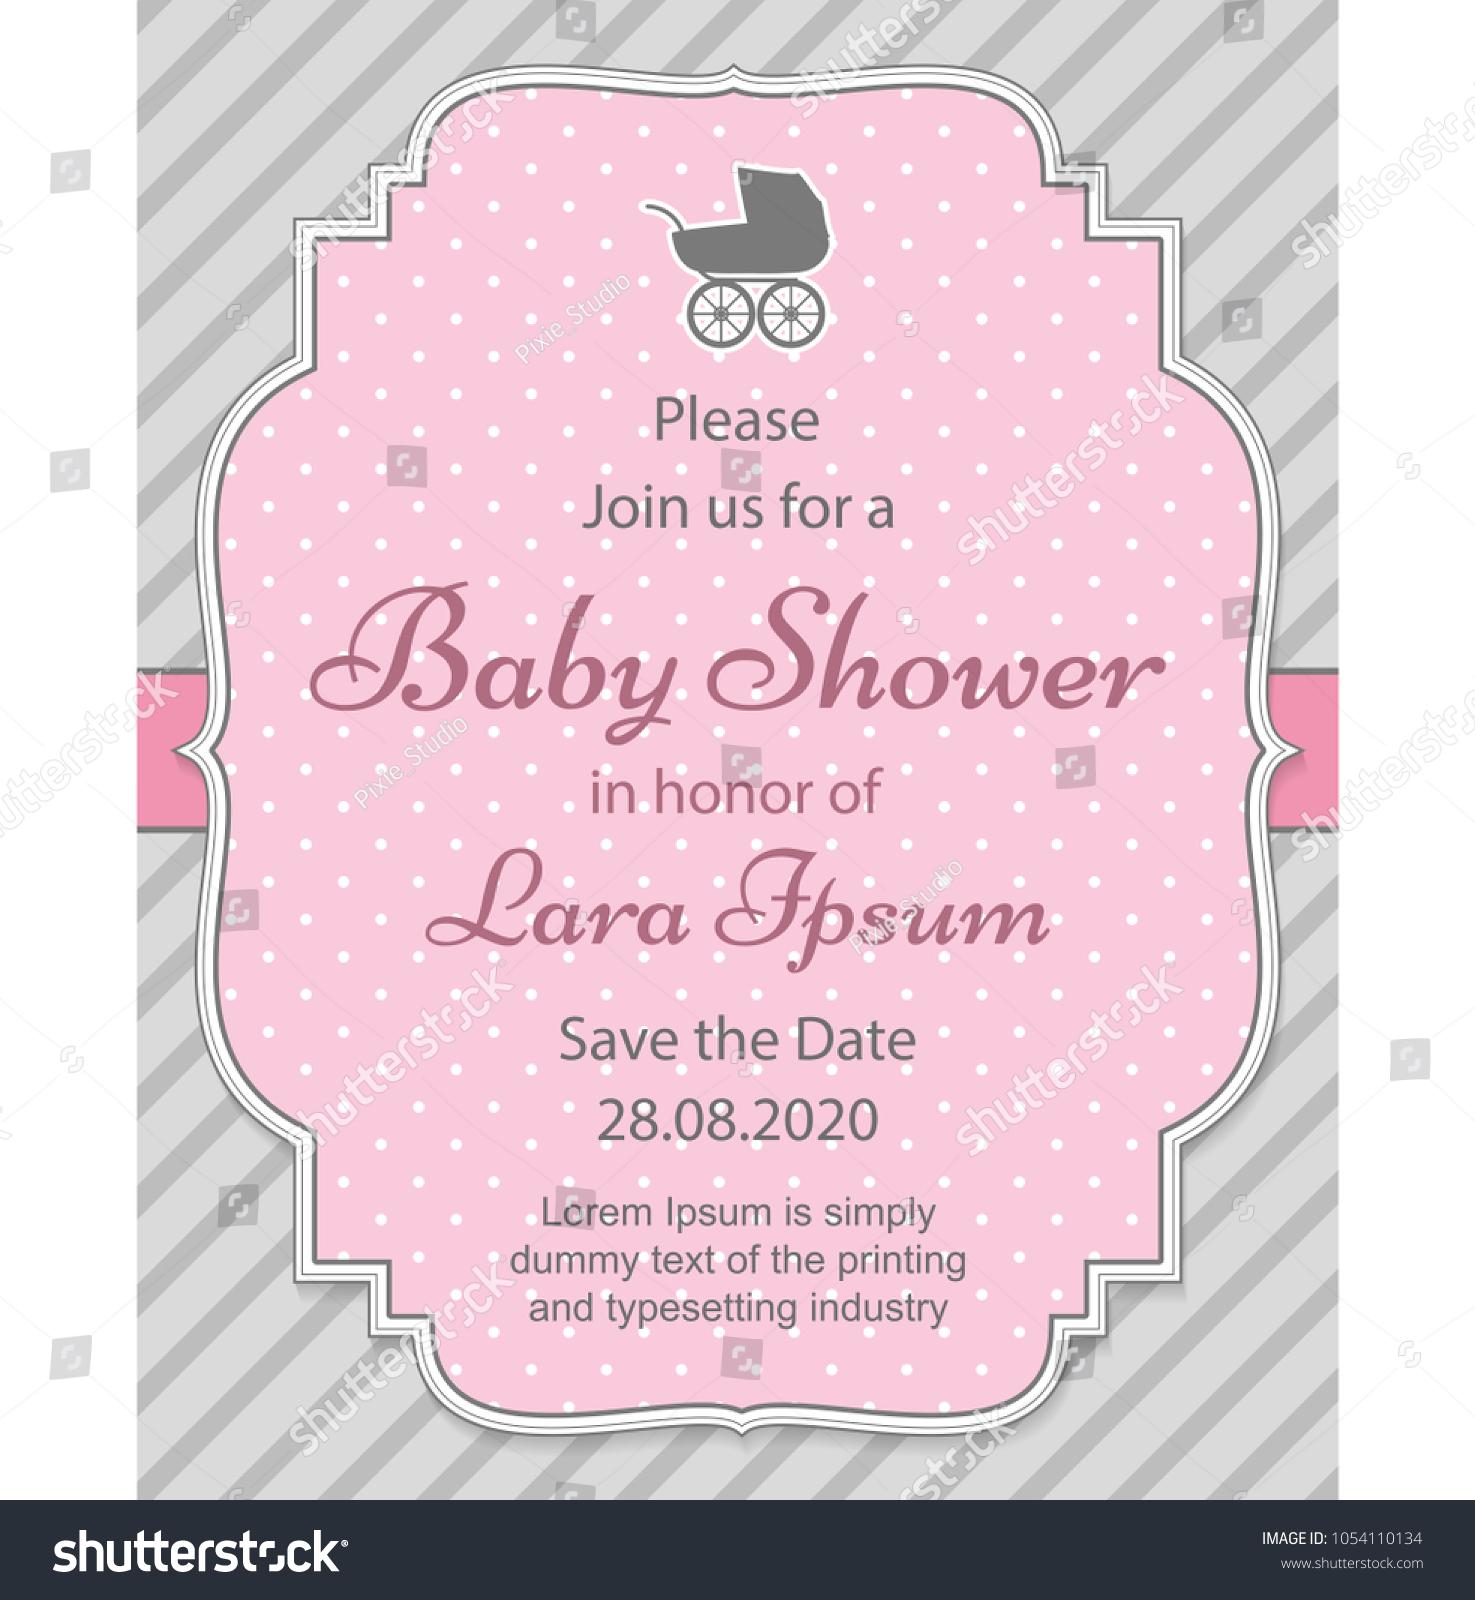 Elegant Baby Shower Invitation Template Stroller Stock Vector